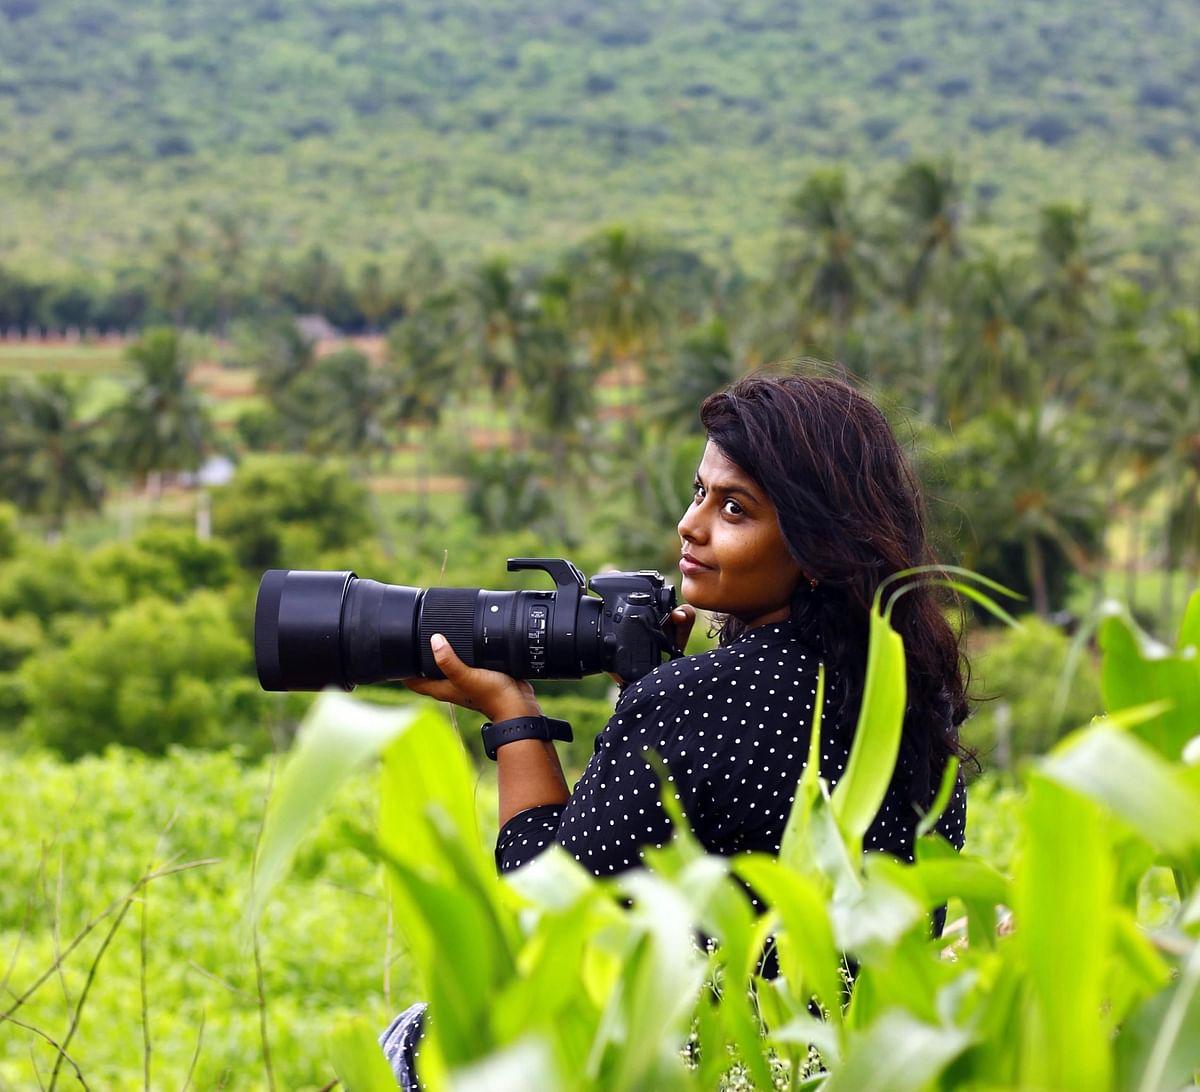 ஸ்நேகா